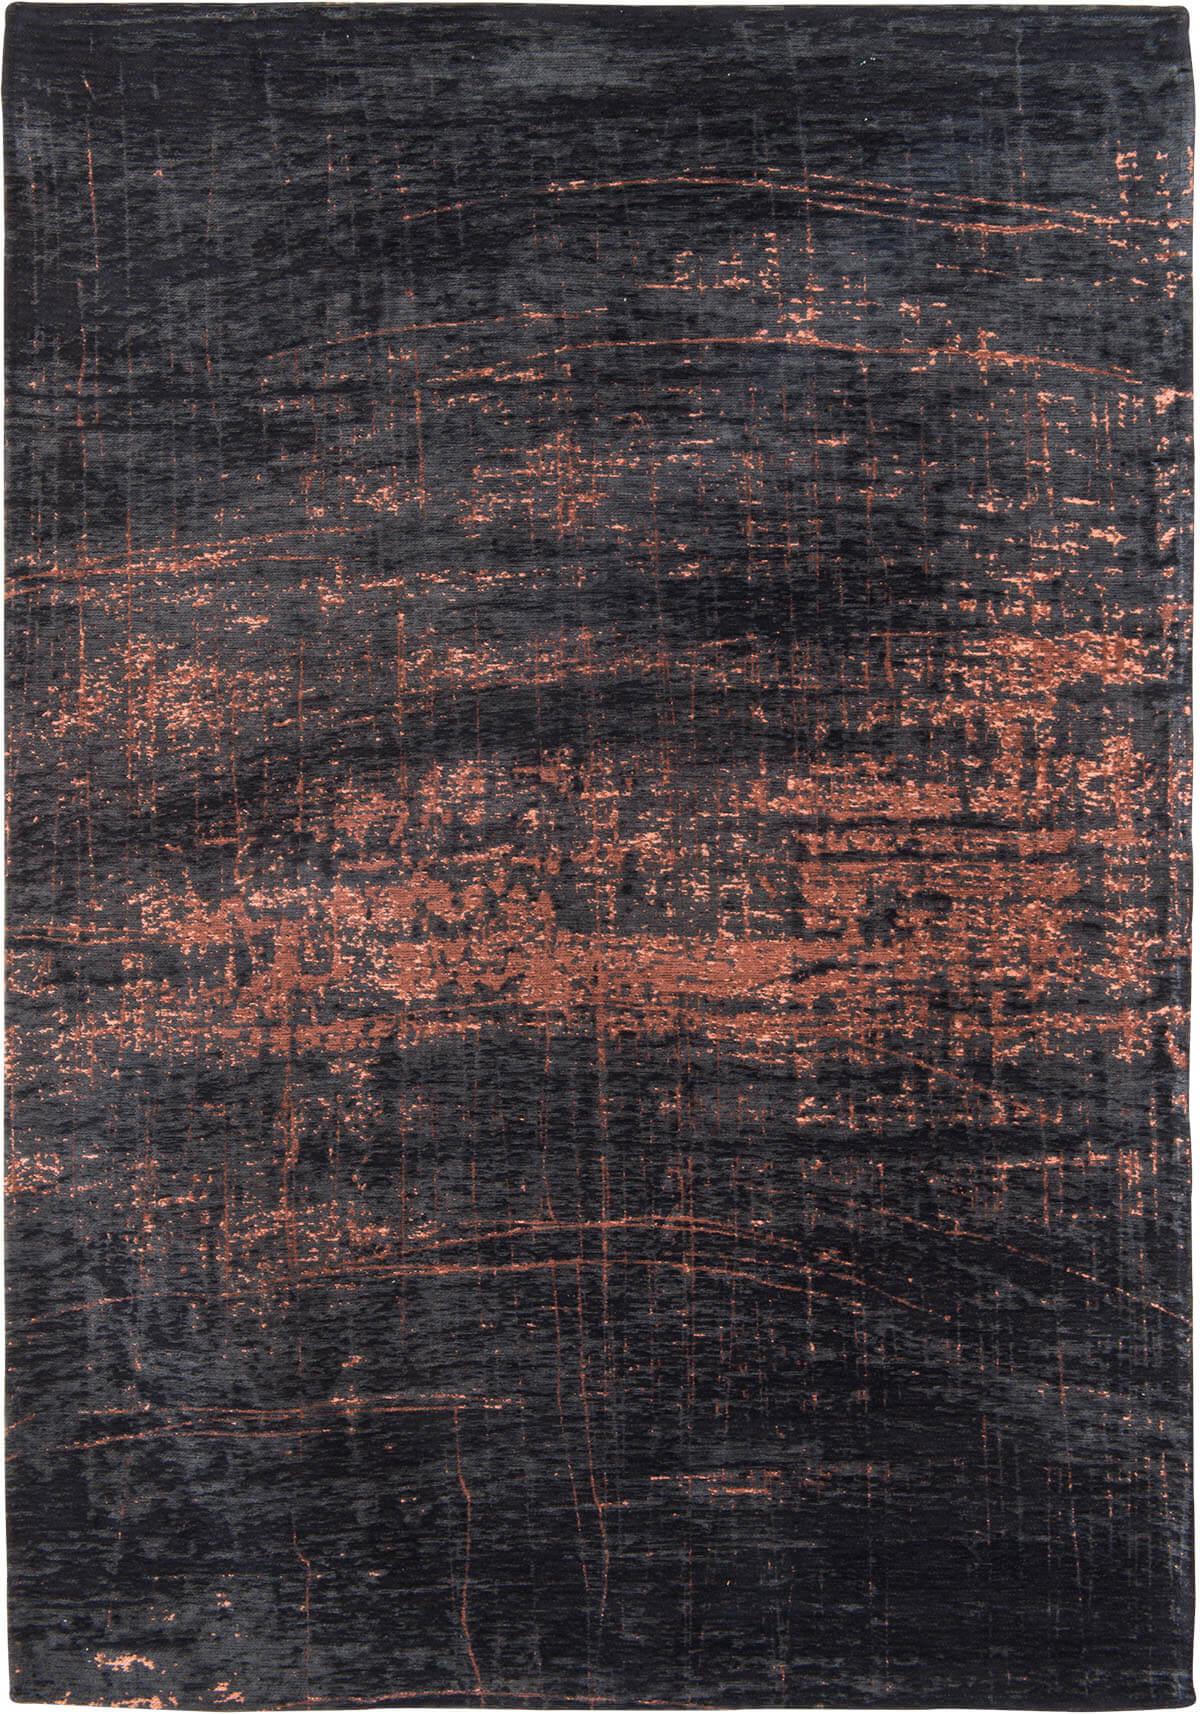 Dywan nowoczesny brazowo czarny - Soho Copper 8925